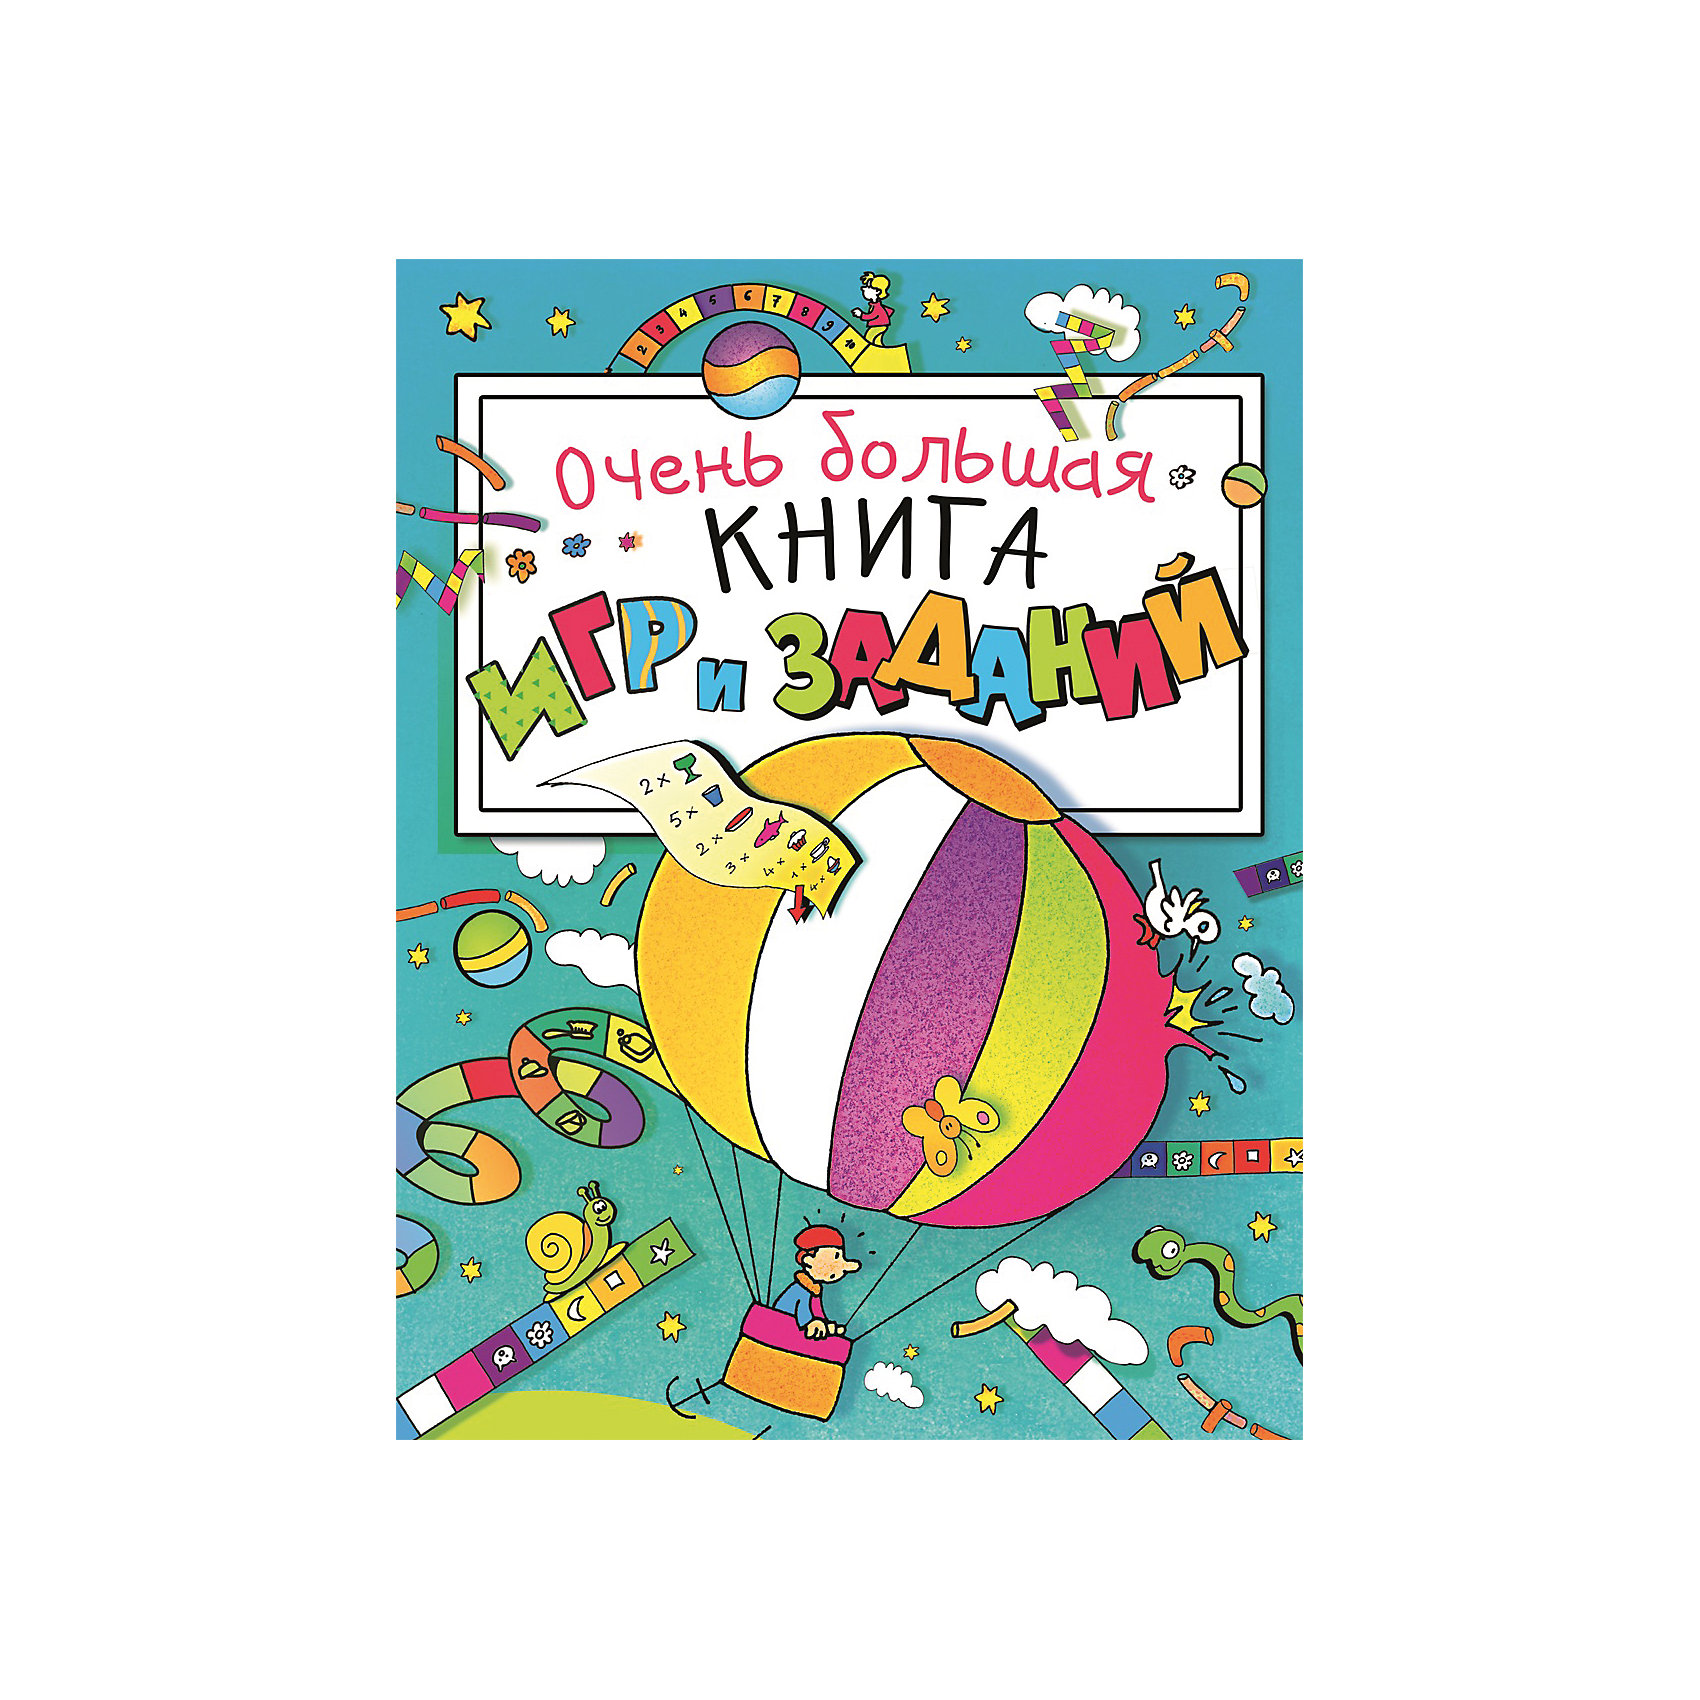 Очень большая книга игр и заданий (голубая)Очень большая книга игр и заданий (голубая) - увлекательная книга с играми, которая надолго займет Вашего ребенка и не даст ему заскучать. На страницах издания он найдет множество интересных заданий, головоломок, ребусов и лабиринтов. Книгу можно взять с собой в дорогу и путешествия - она поможет весело и интересно провести время. Увлекательные и веселые задания не только доставят ребенку много радости, но и помогут развить внимание, наблюдательность, мелкую моторику.<br><br>Дополнительная информация:<br><br>- Переплет: мягкая обложка.<br>- Иллюстрации: черно-белые.<br>- Объем: 160 стр. <br>- Размер: 25,5 x 19,5 x 1 см.<br>- Вес: 0,284 кг. <br><br>Очень большую книгу игр и заданий (голубая), Росмэн, можно купить в нашем интернет-магазине.<br><br>Ширина мм: 255<br>Глубина мм: 195<br>Высота мм: 10<br>Вес г: 284<br>Возраст от месяцев: 60<br>Возраст до месяцев: 108<br>Пол: Унисекс<br>Возраст: Детский<br>SKU: 4408722